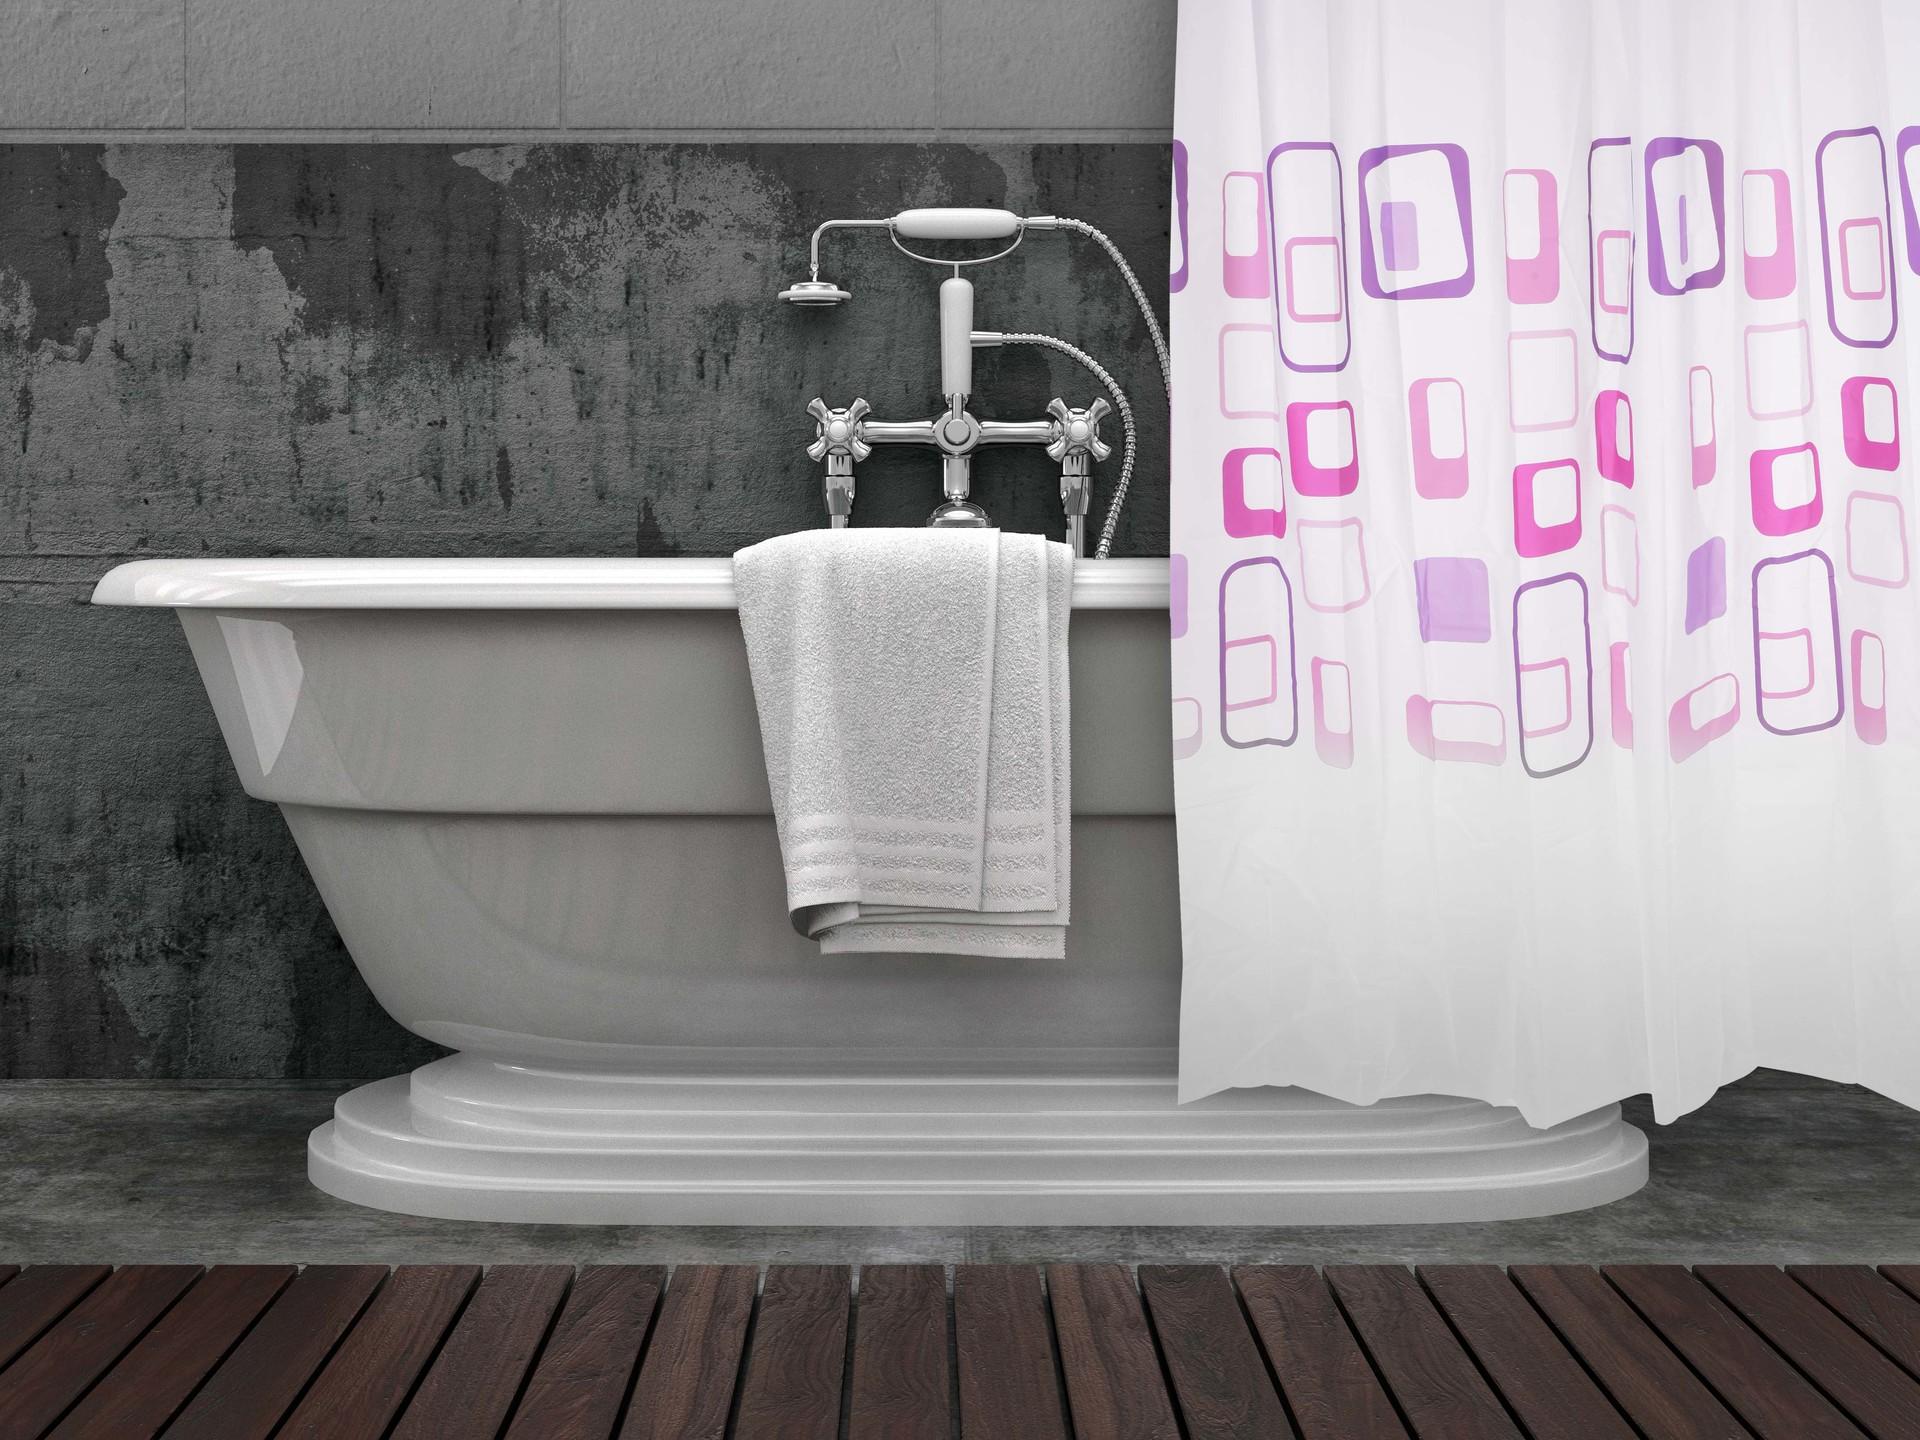 Koupelnový závěs, s dekorativním potiskem RETRO 60th